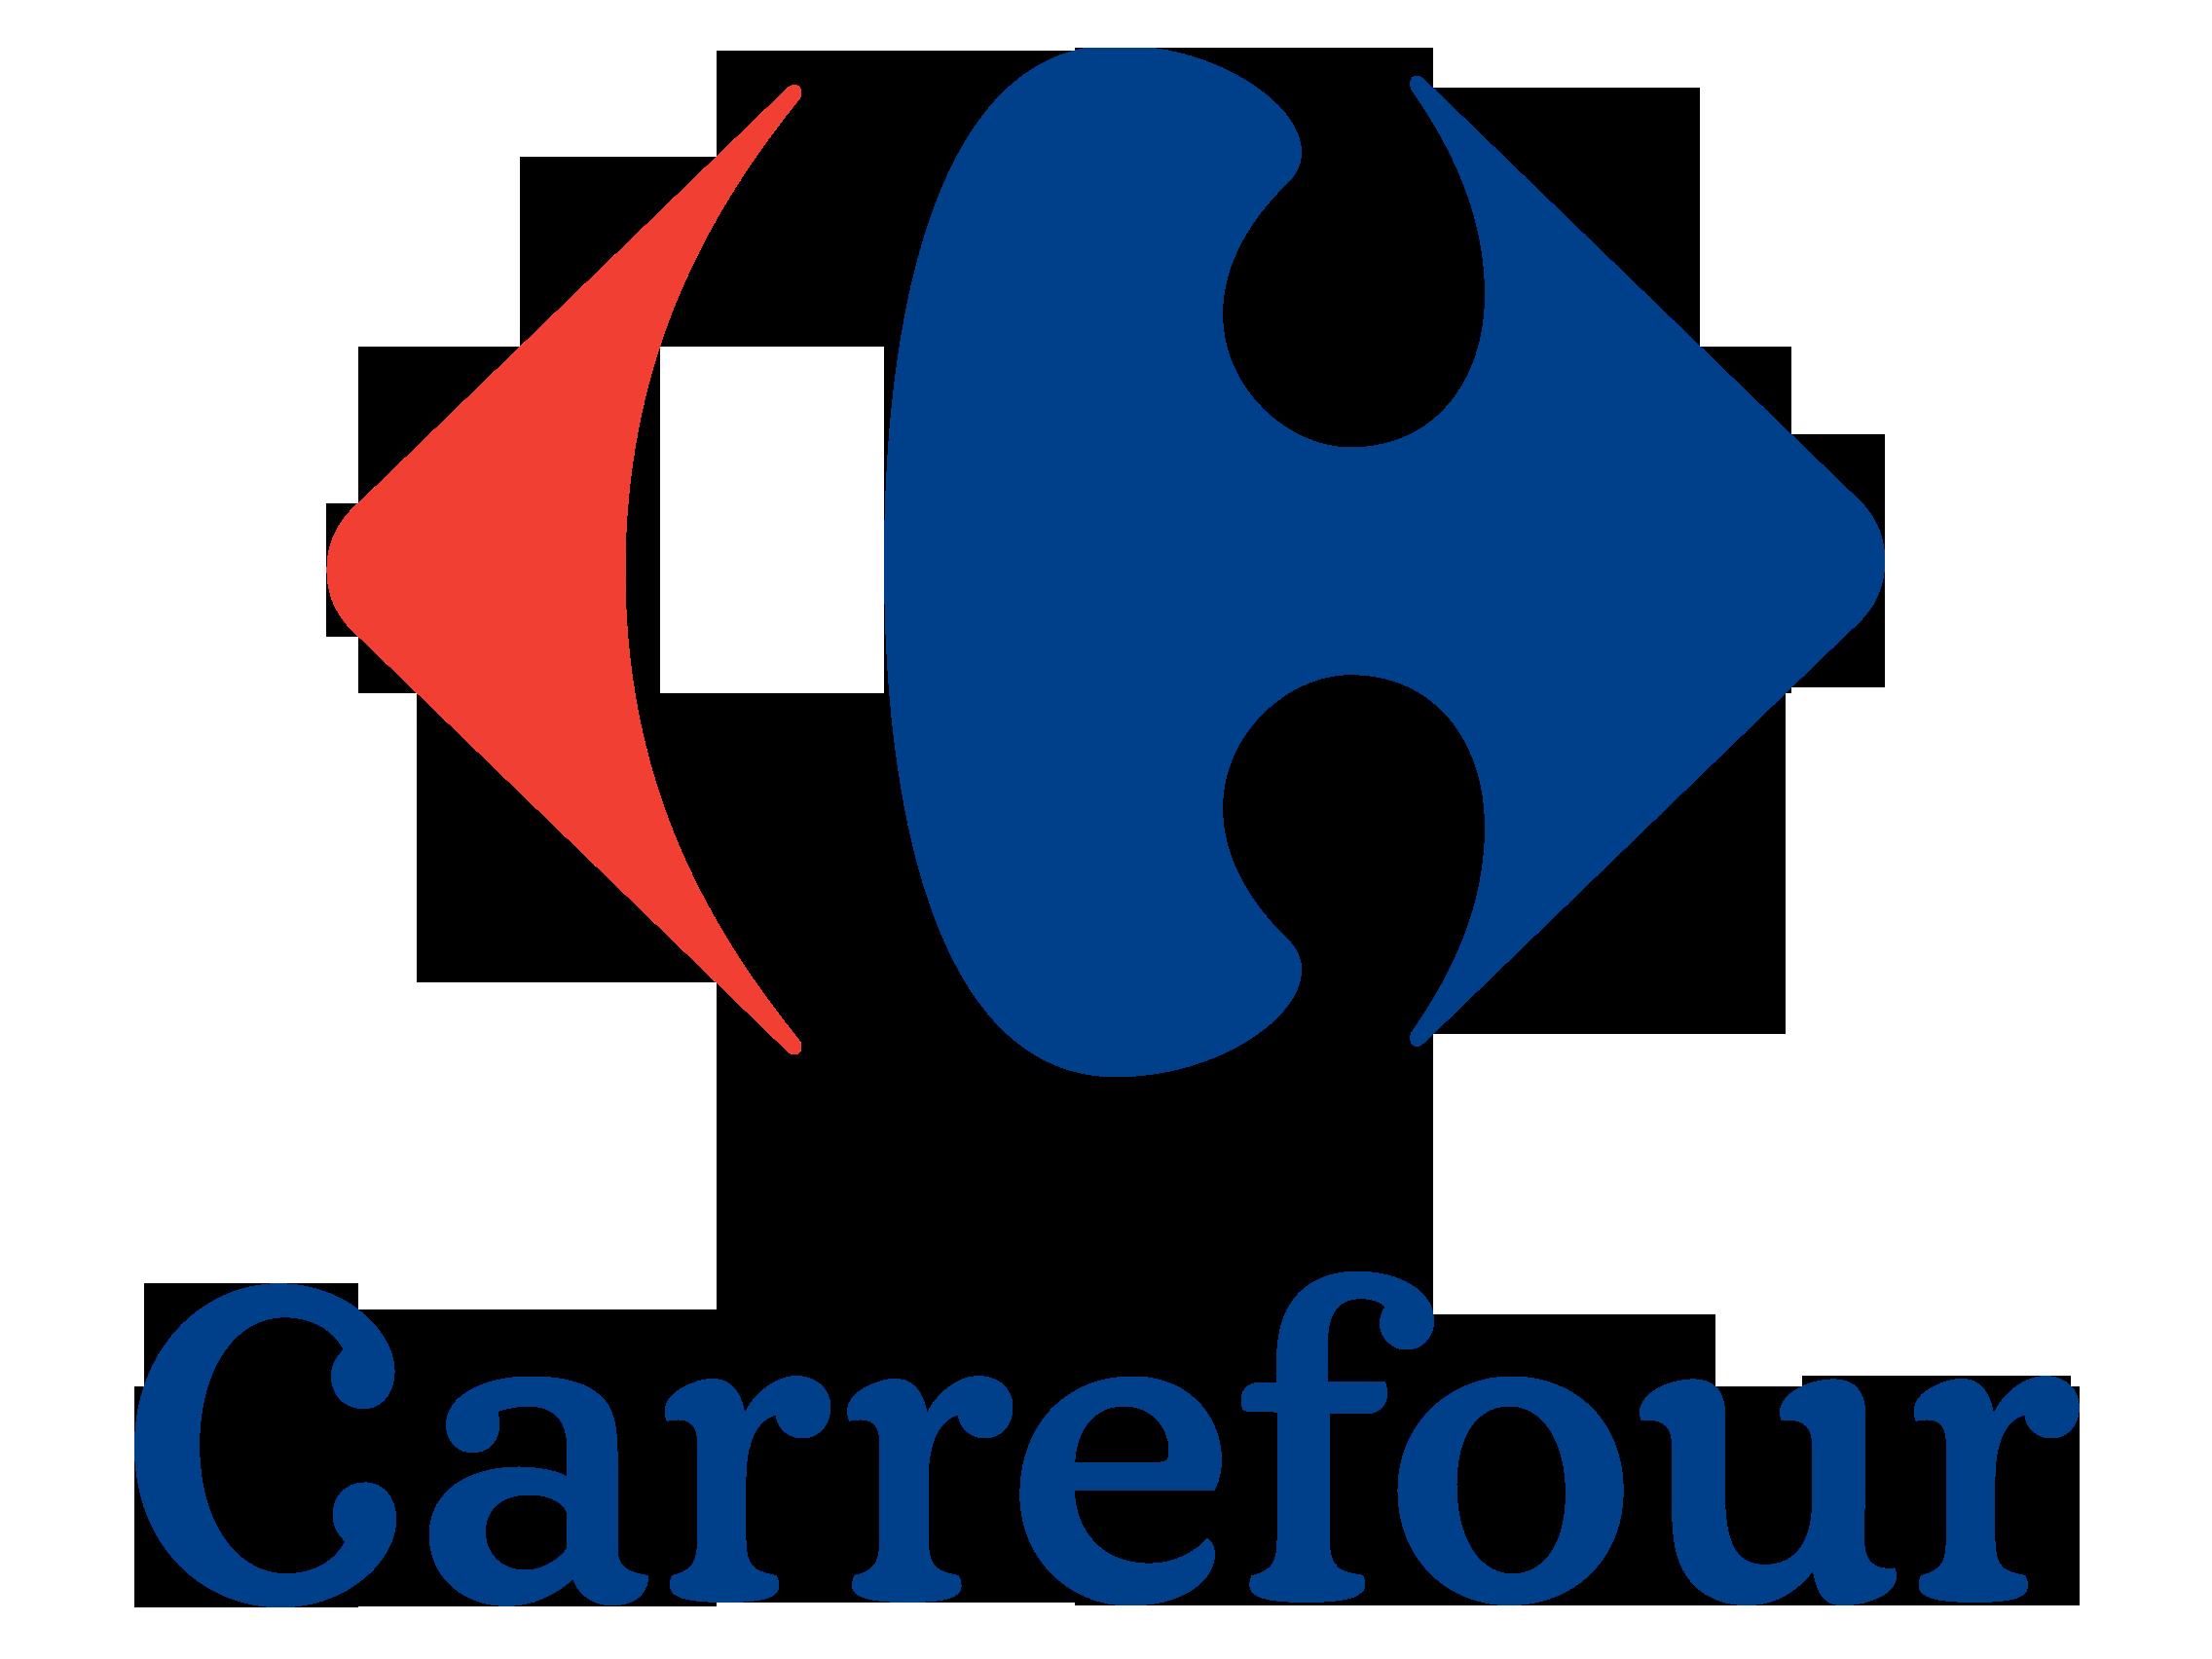 Carrefour - Iper